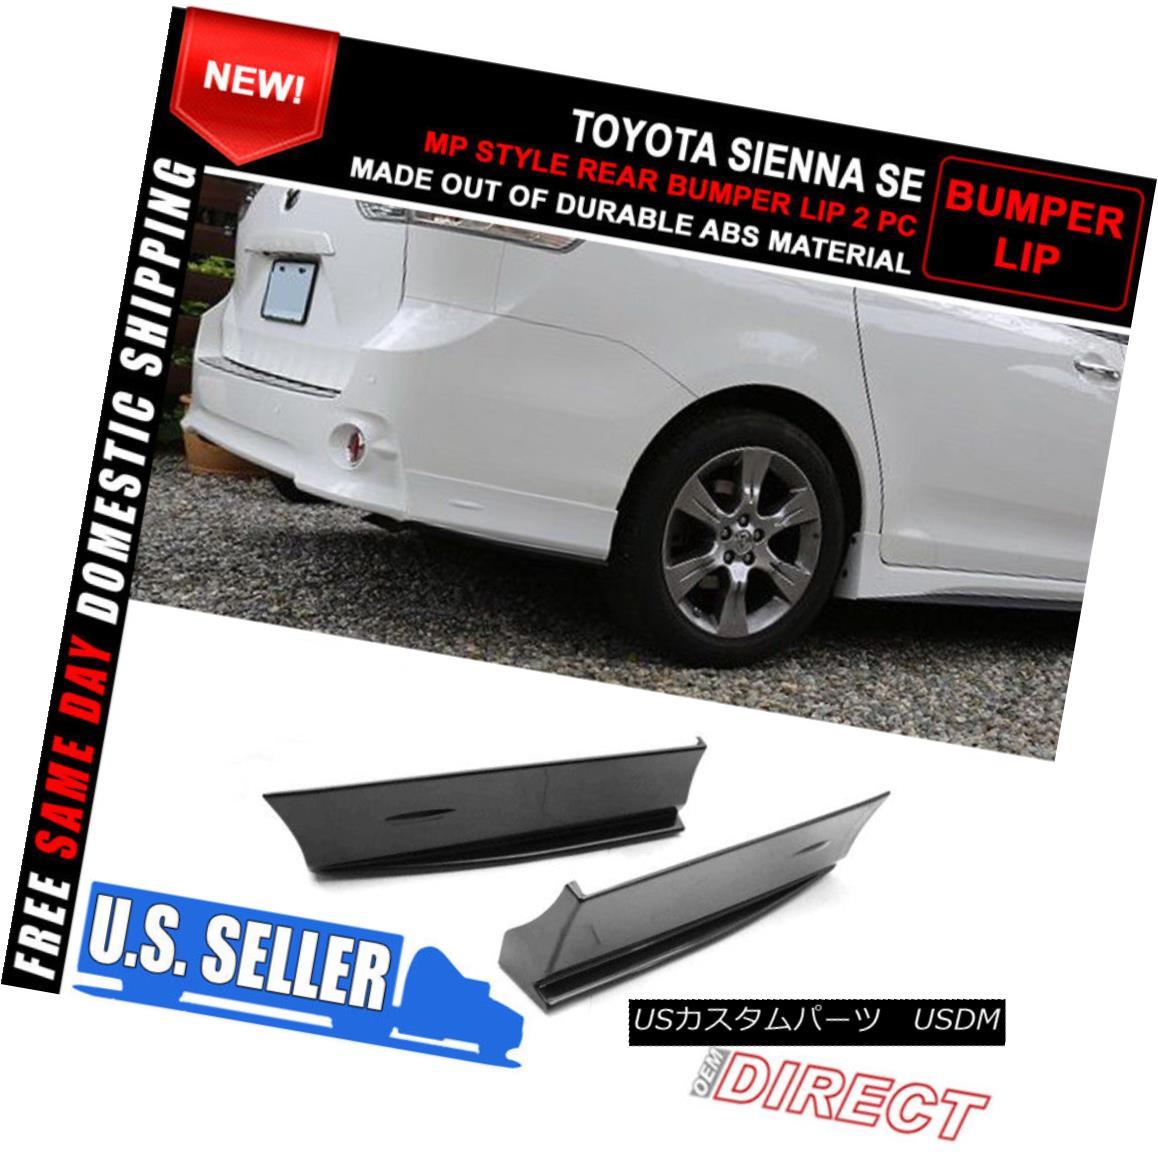 エアロパーツ For 11-16 Toyota Sienna SE Only Mp Style Rear Bumper Lip Apron 2 Piece ABS 11-16トヨタシエナSE専用Mpスタイルリアバンパーリップエプロン2ピースABS